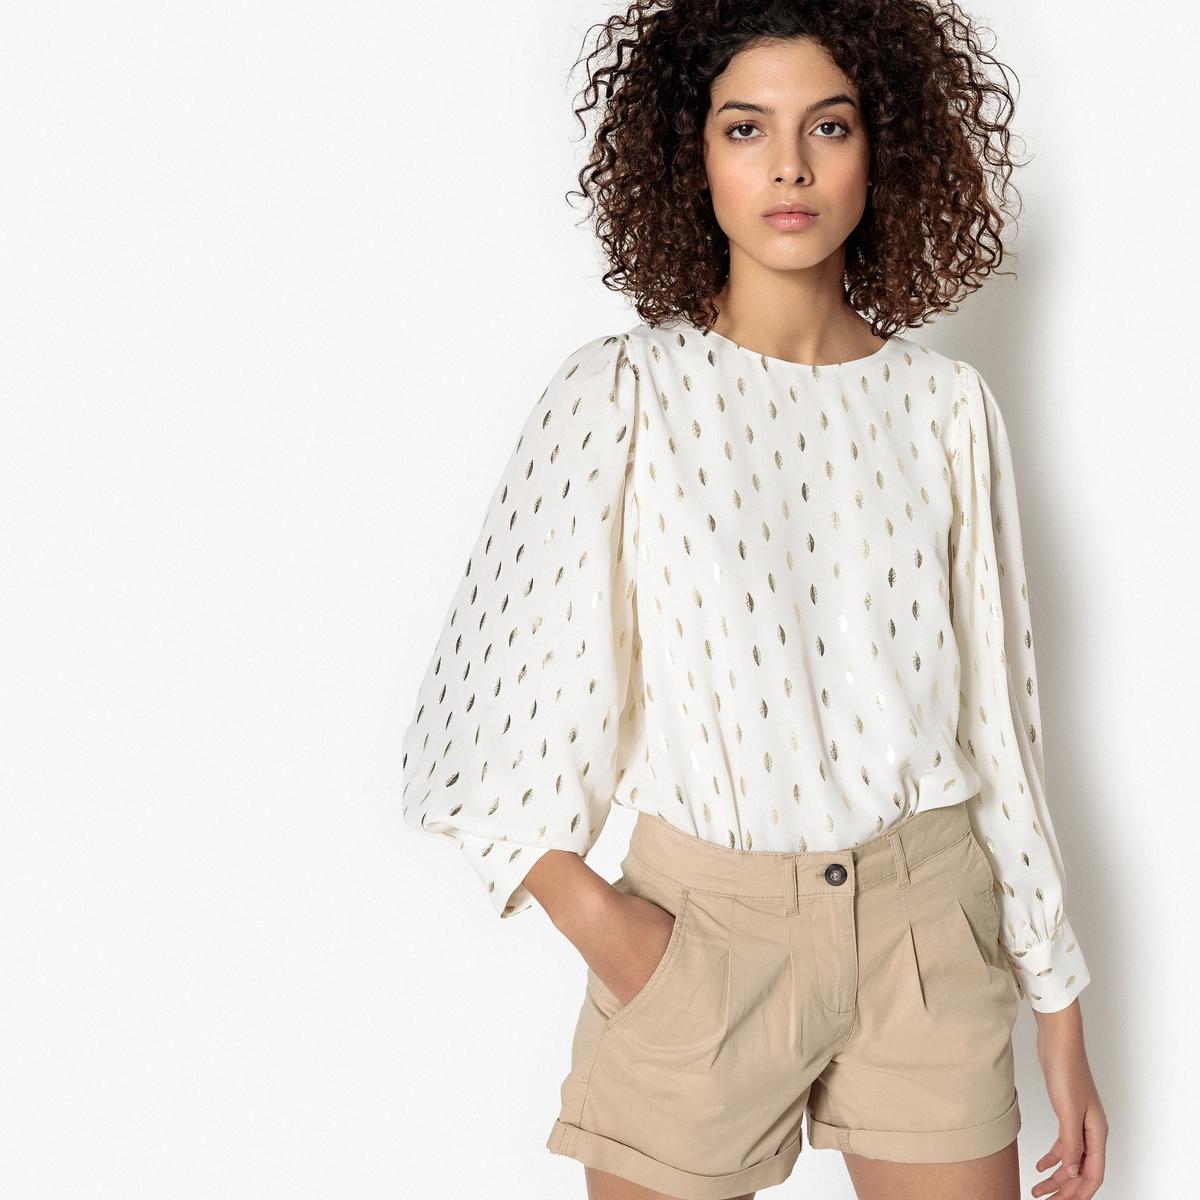 Блузка с круглым вырезом, графическим рисунком и длинными рукавами